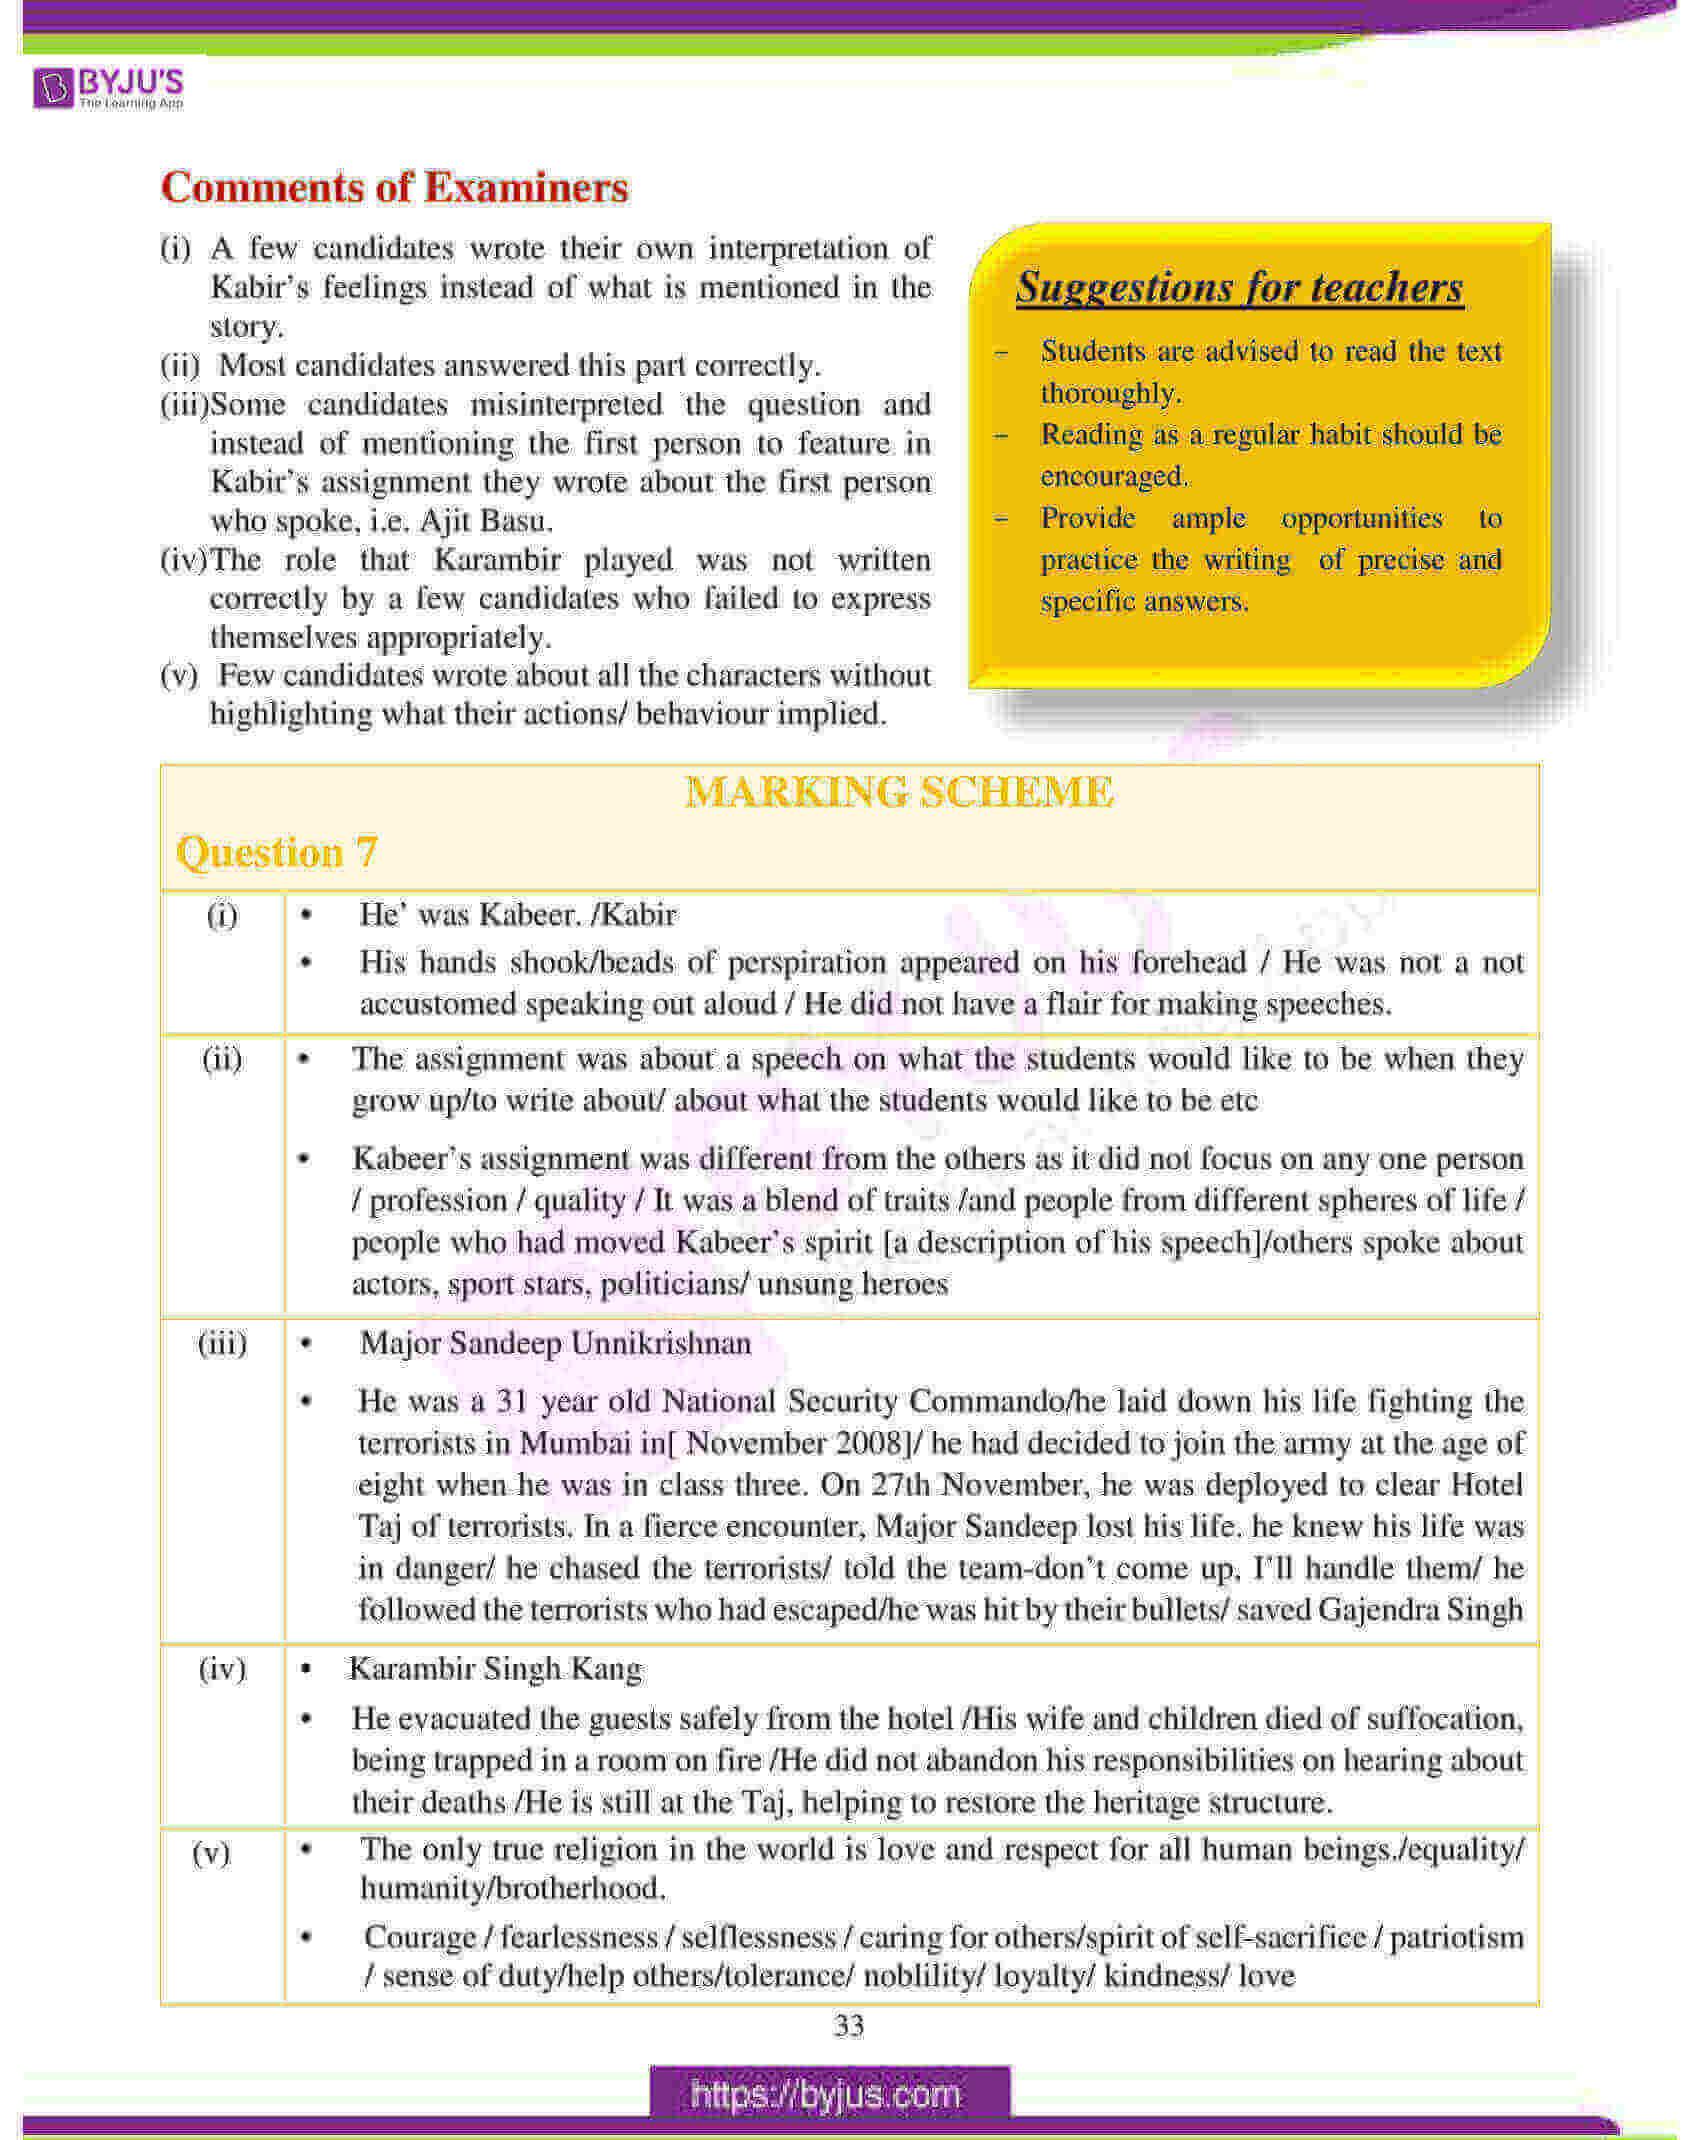 icse class 10 eng lit question paper solution 2017 13